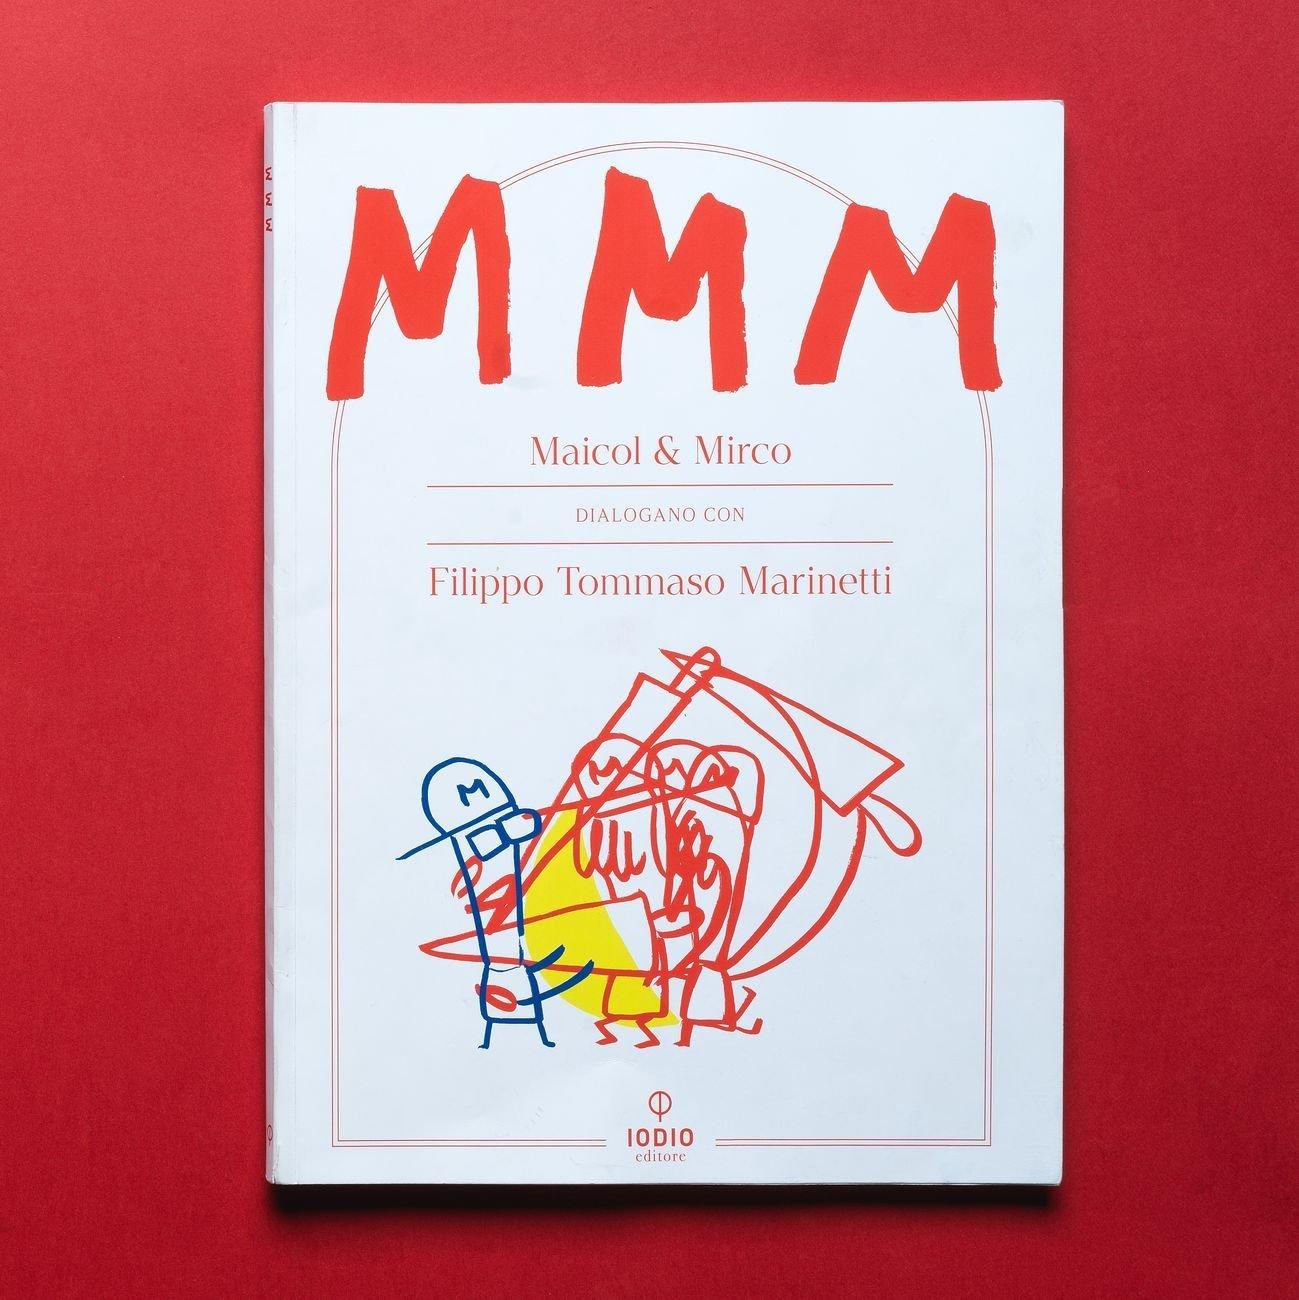 La copertina di MMM di Maicol & Mirco